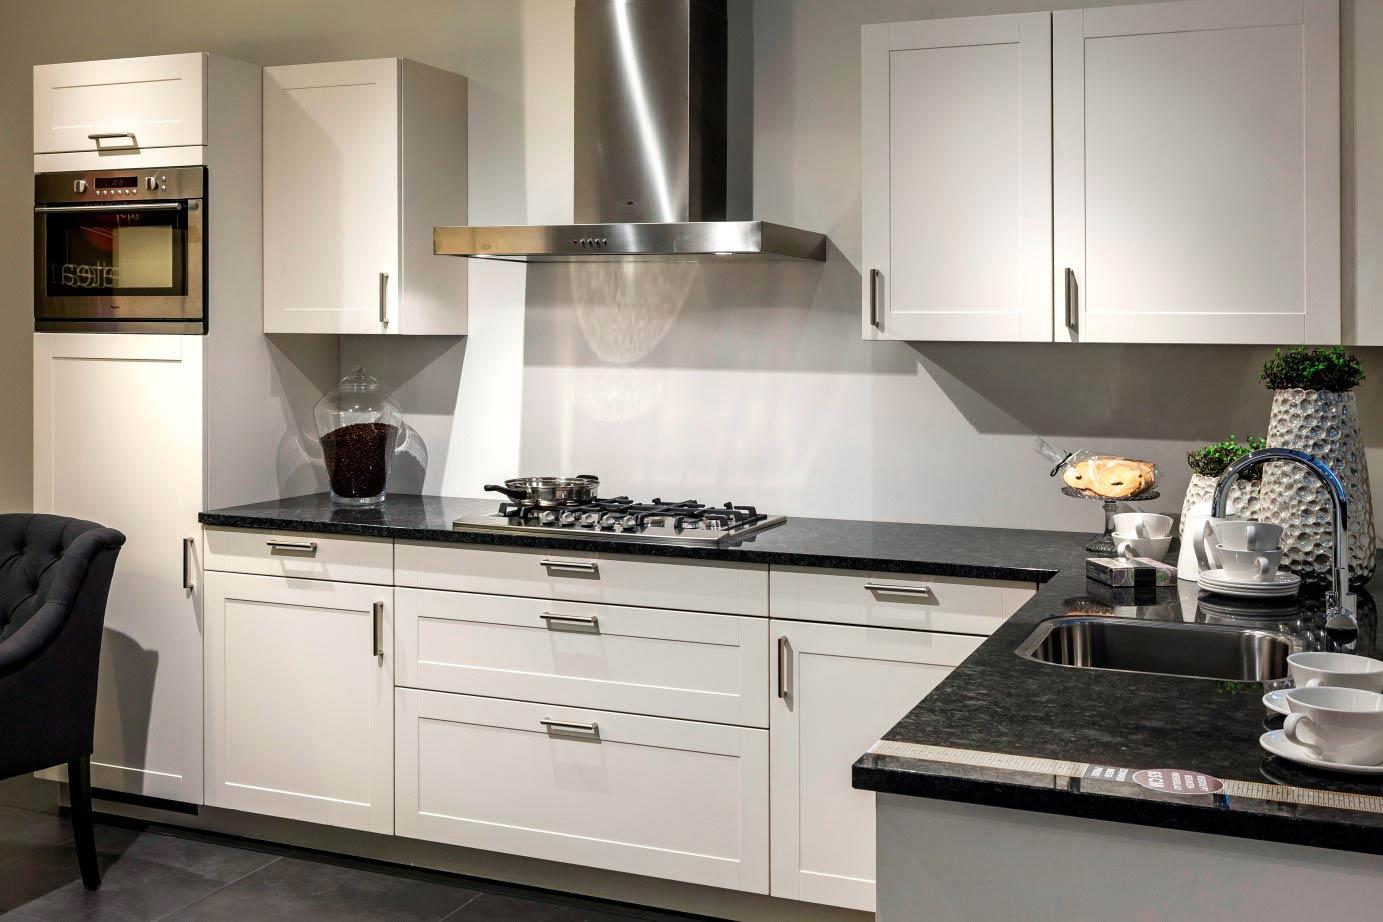 Keuken Ontwerpen Tips : Keuken ontwerpen: informatie en tips die u vooraf moet weten – DB